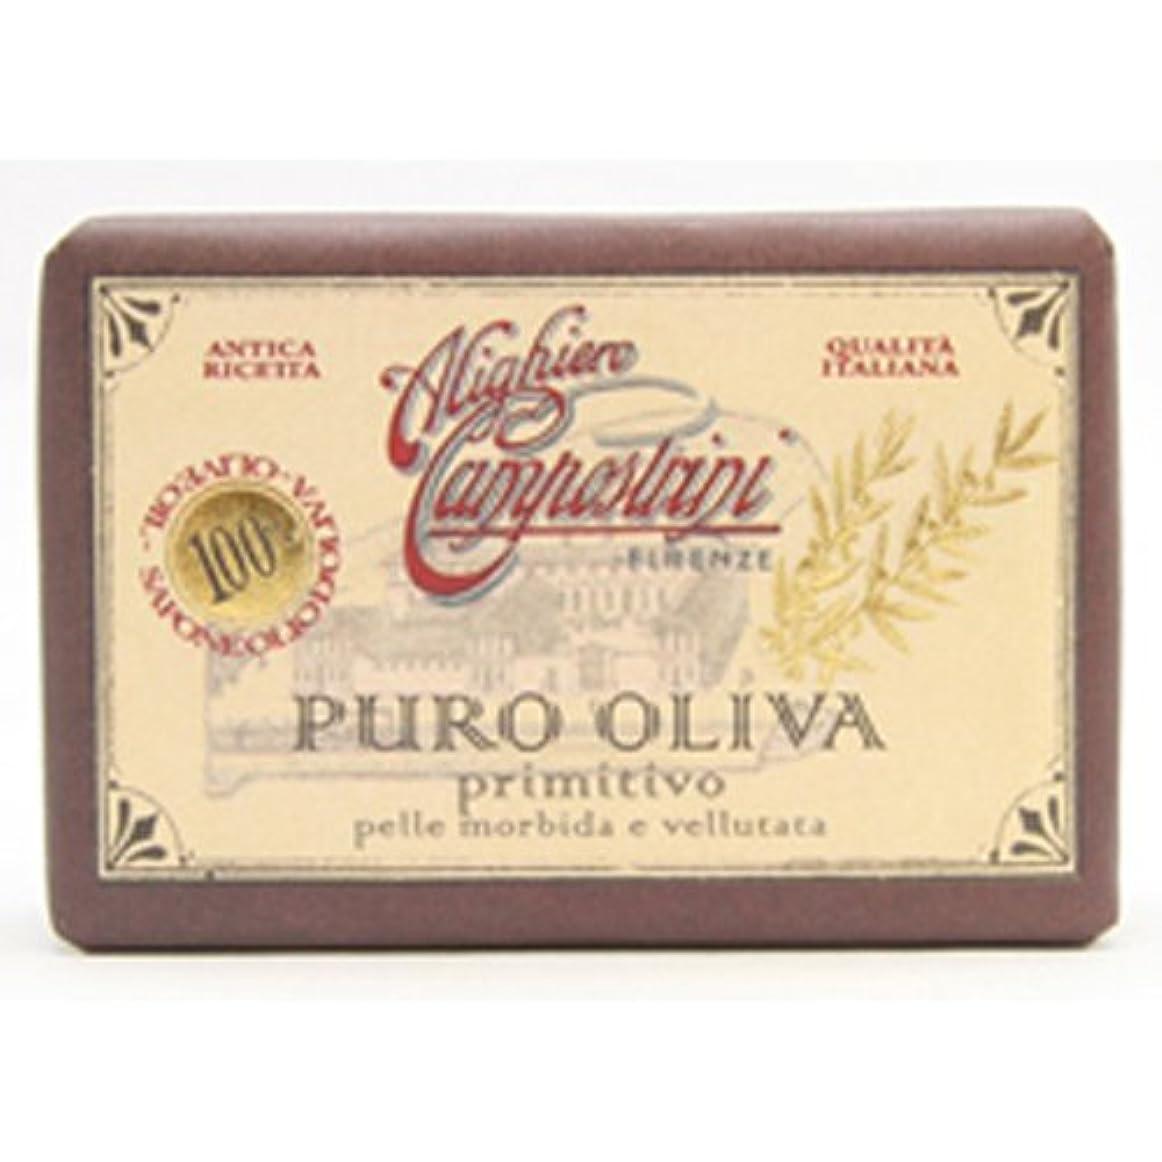 透過性繊毛露骨なSaponerire Fissi サポネリーフィッシー PURO OLIVA Soap オリーブオイル ピュロ ソープ primitivo オリジナル 150g